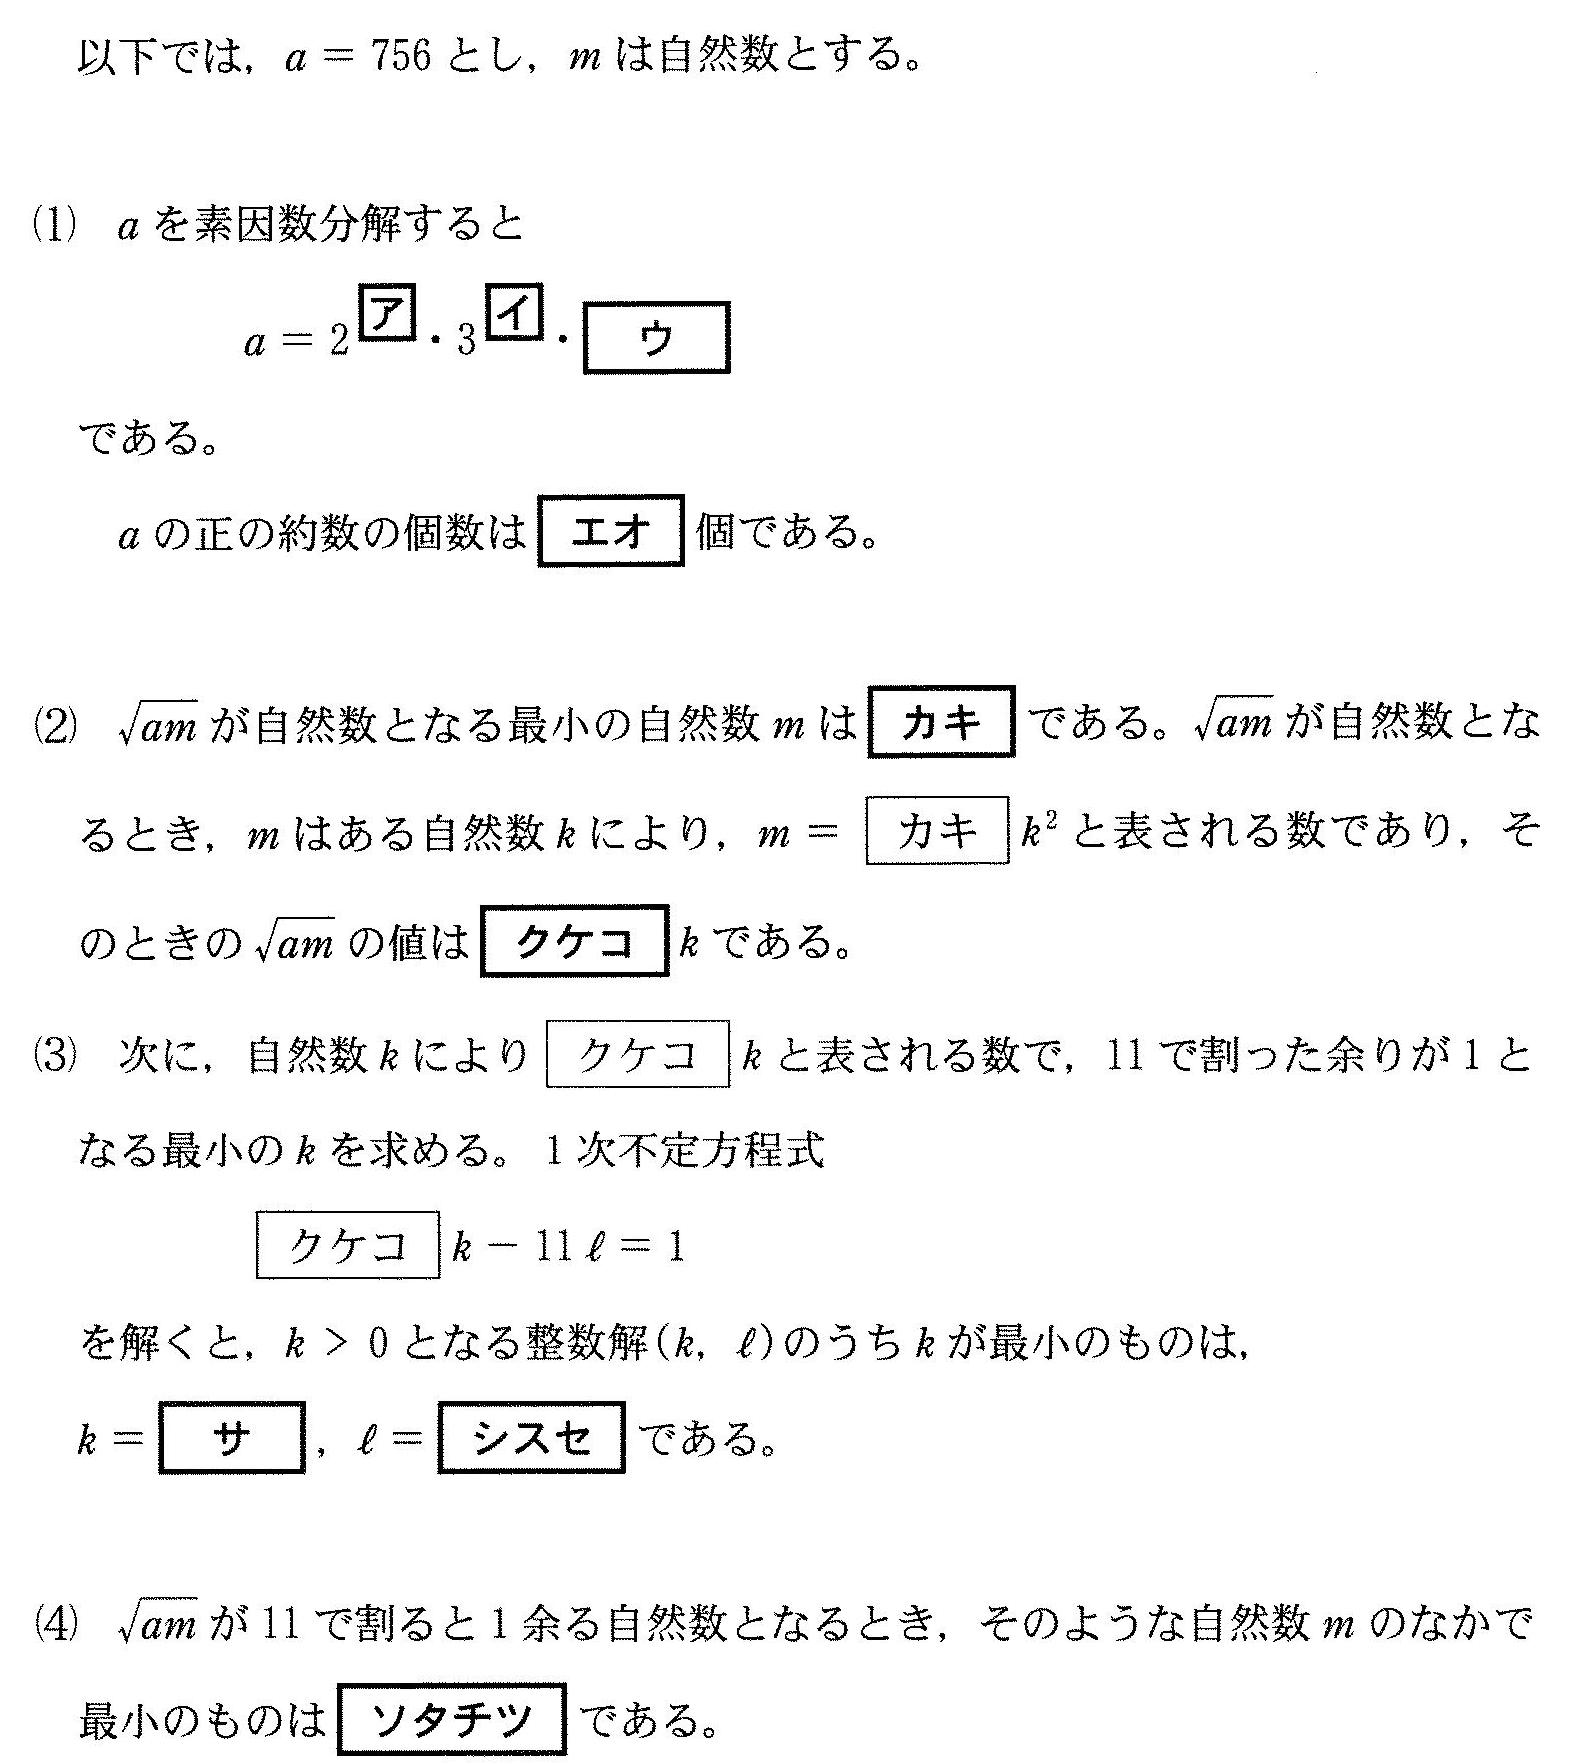 問題1A5